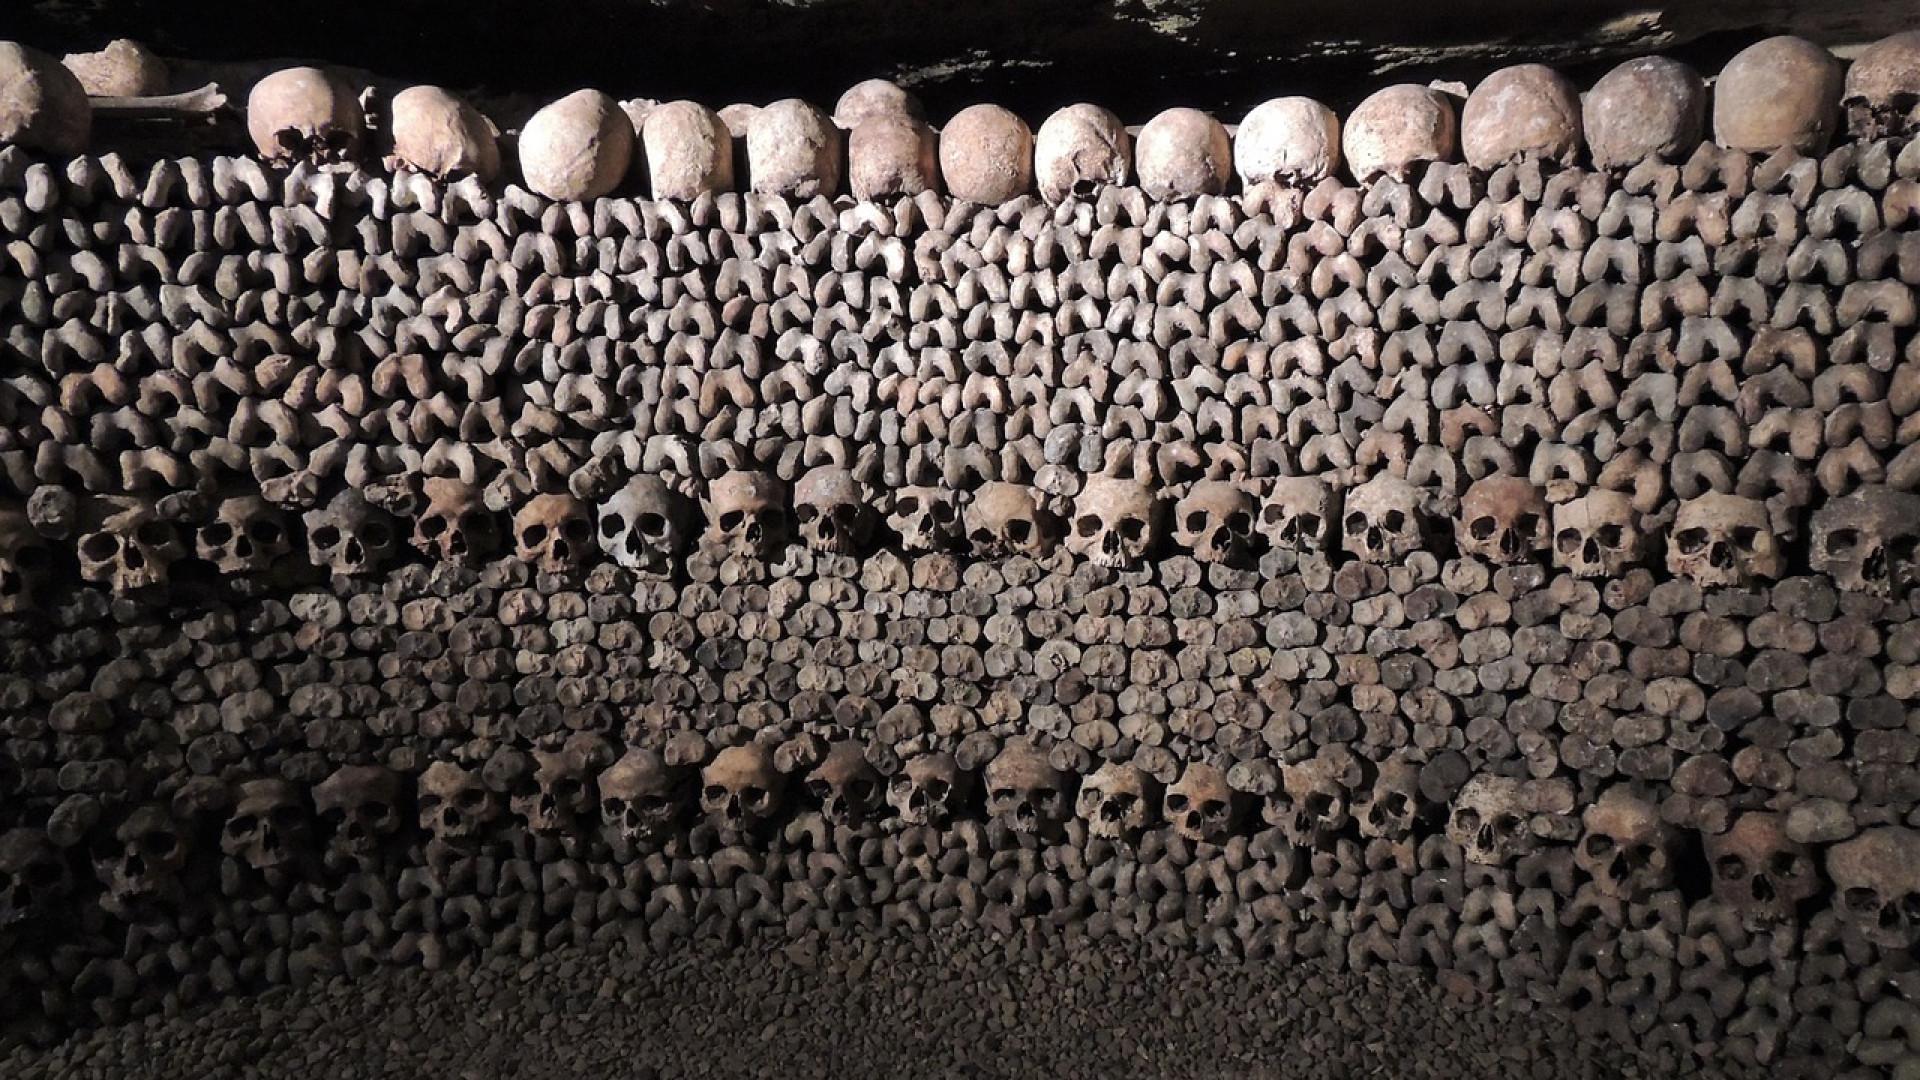 64b378dec9d03931d51221a40b8047fe - Osez la découverte des catacombes de Paris